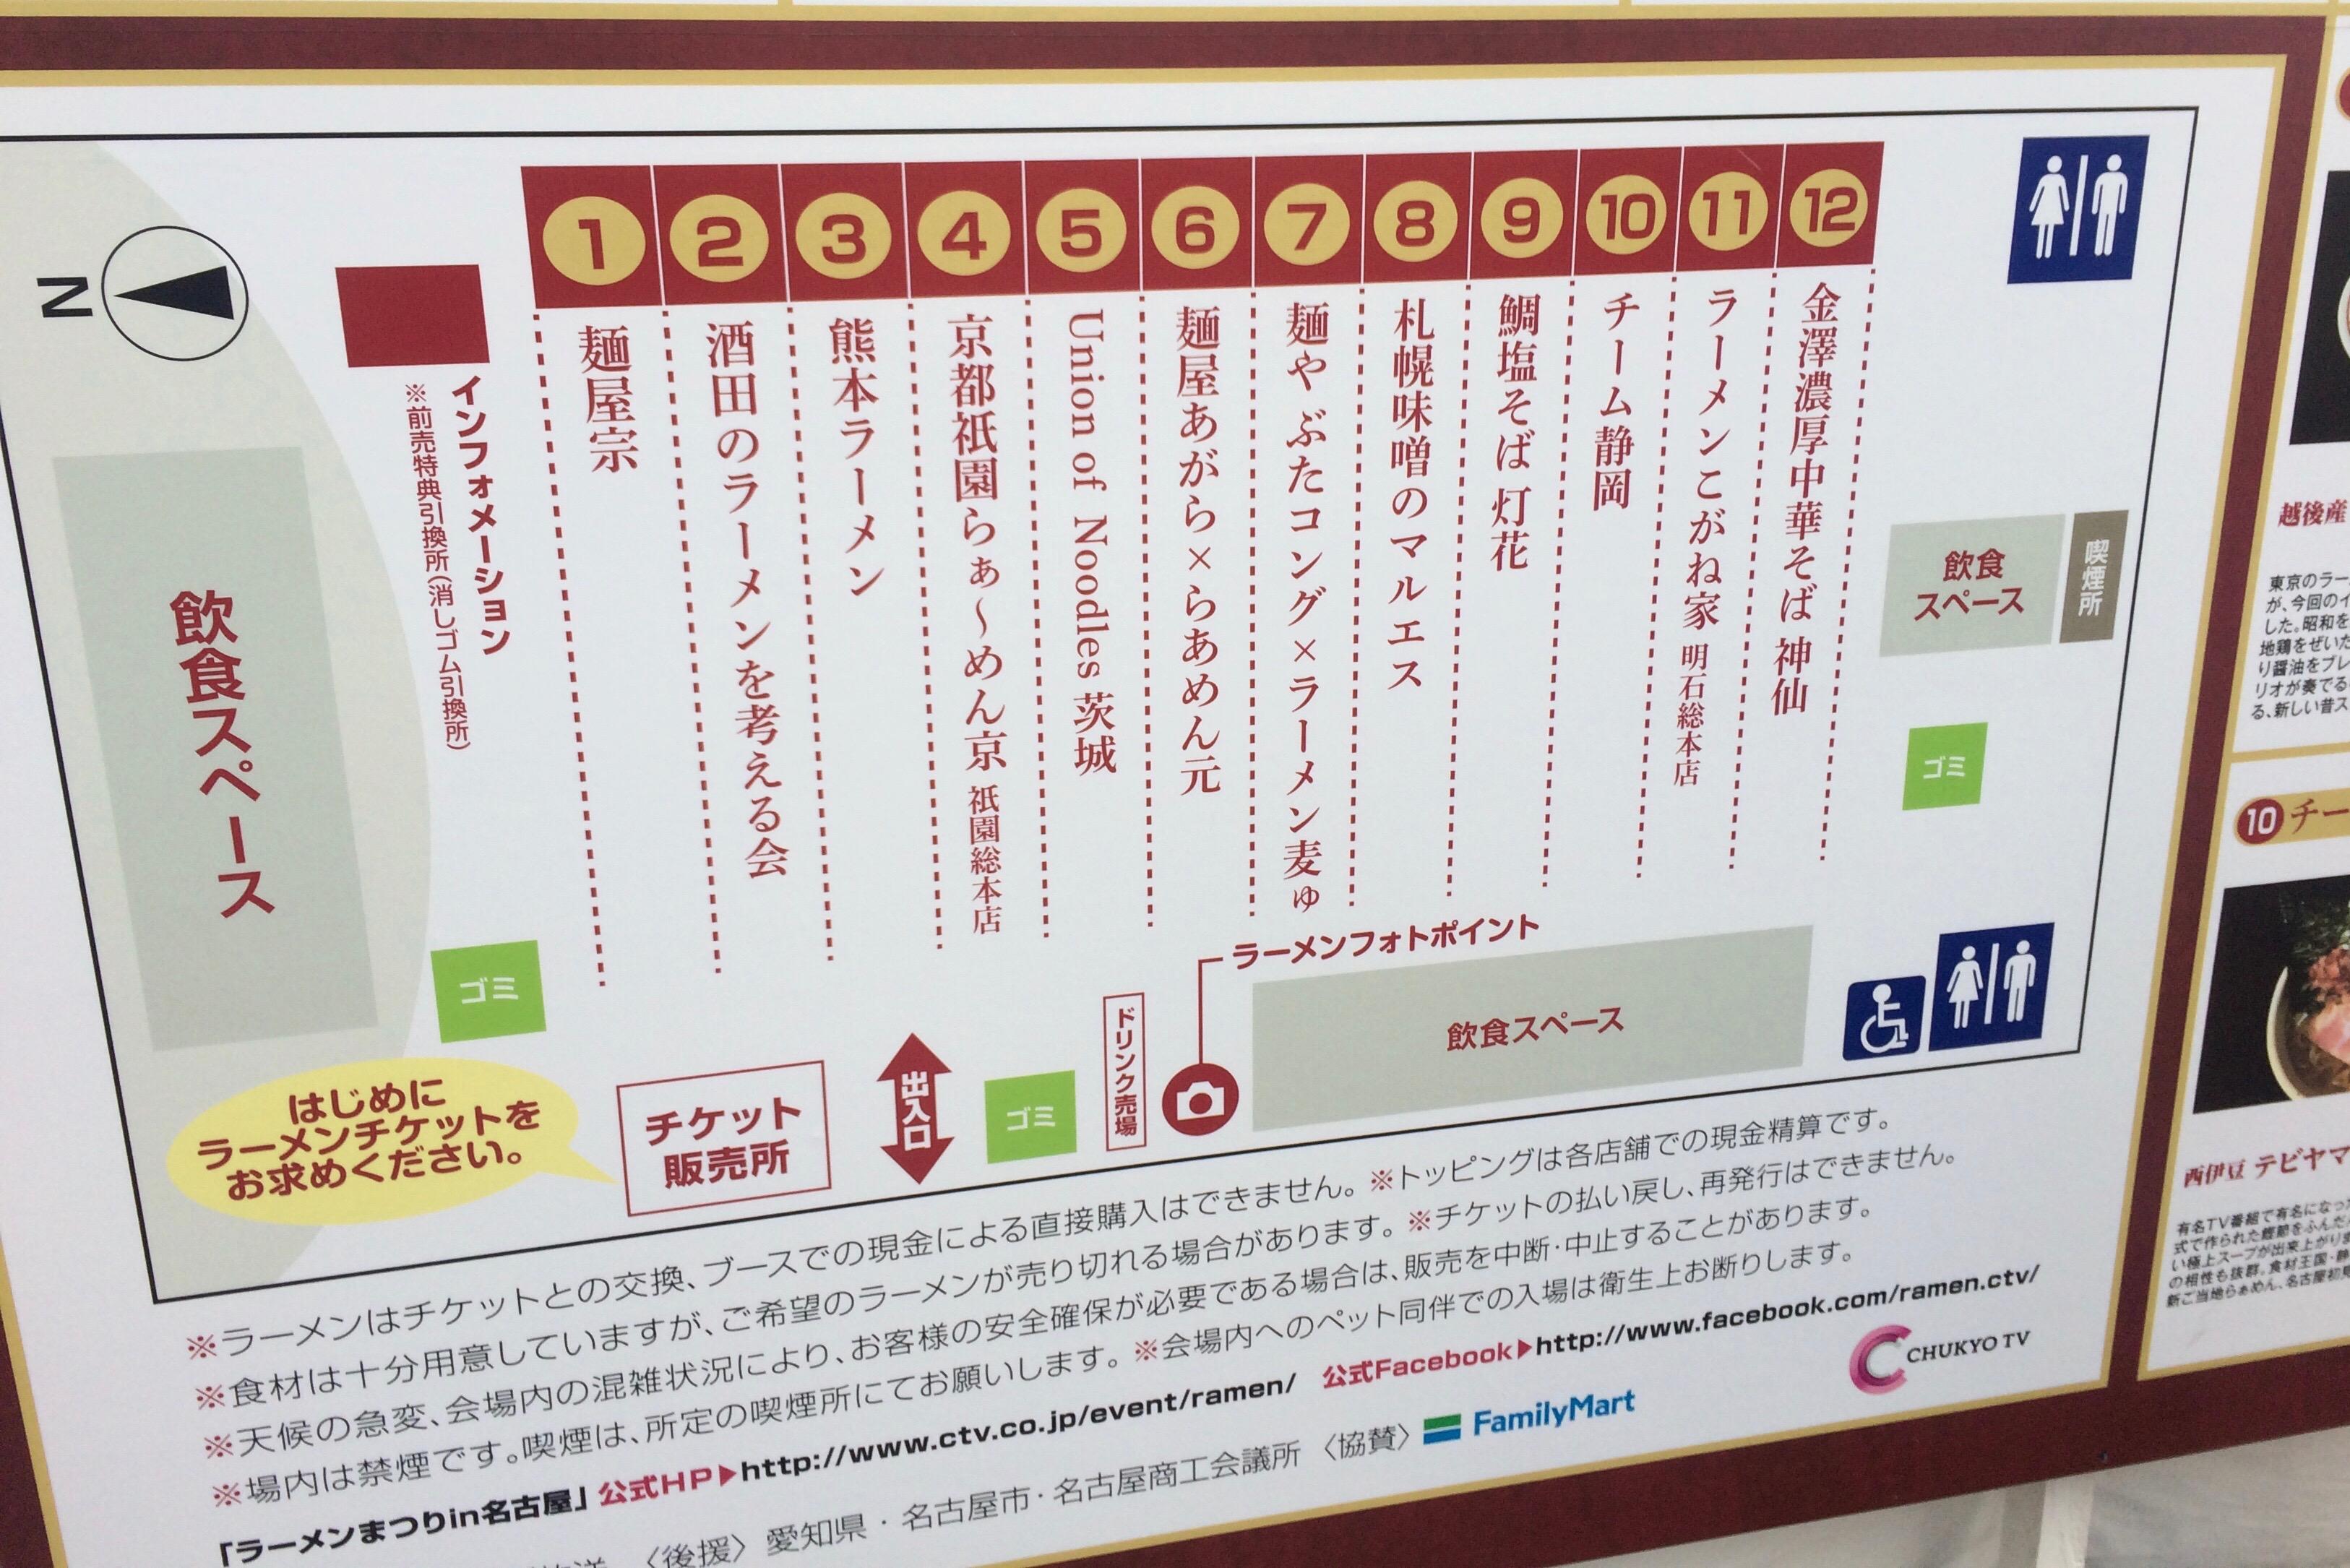 3年連続開催!「ラーメンまつりin名古屋 2017」に行ってきた - Image uploaded from iOS 20